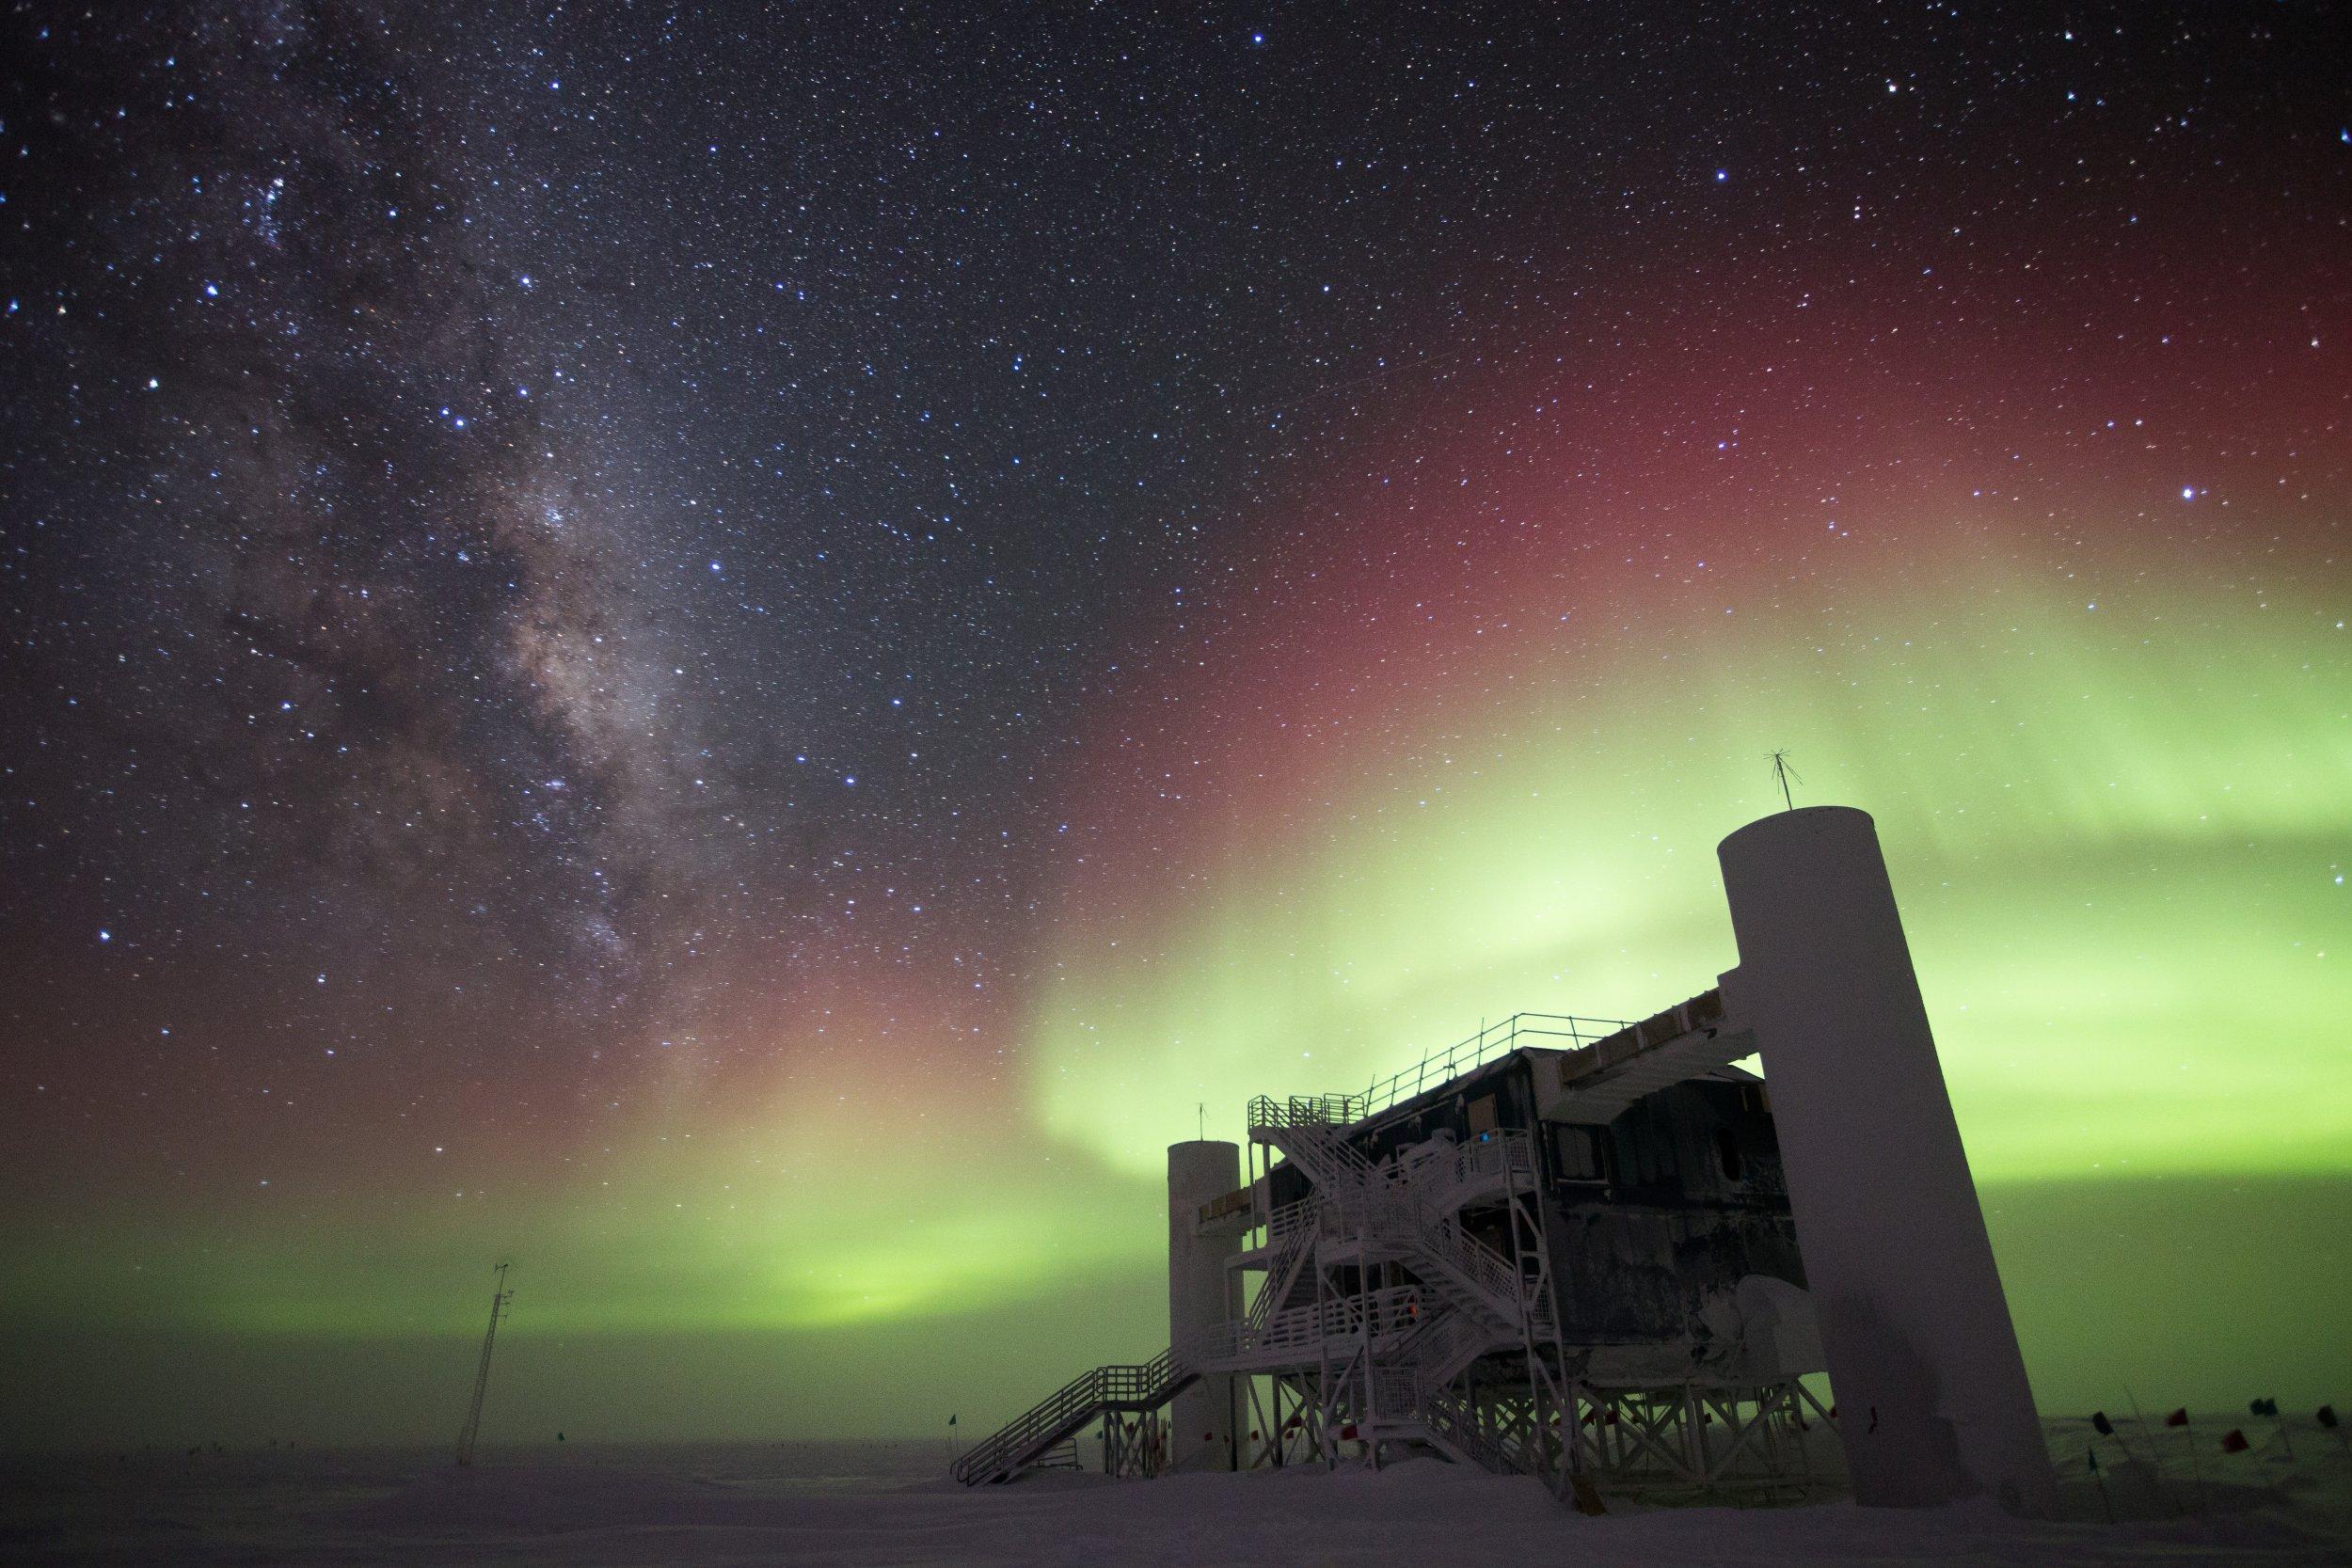 11_22_icecube neutrino